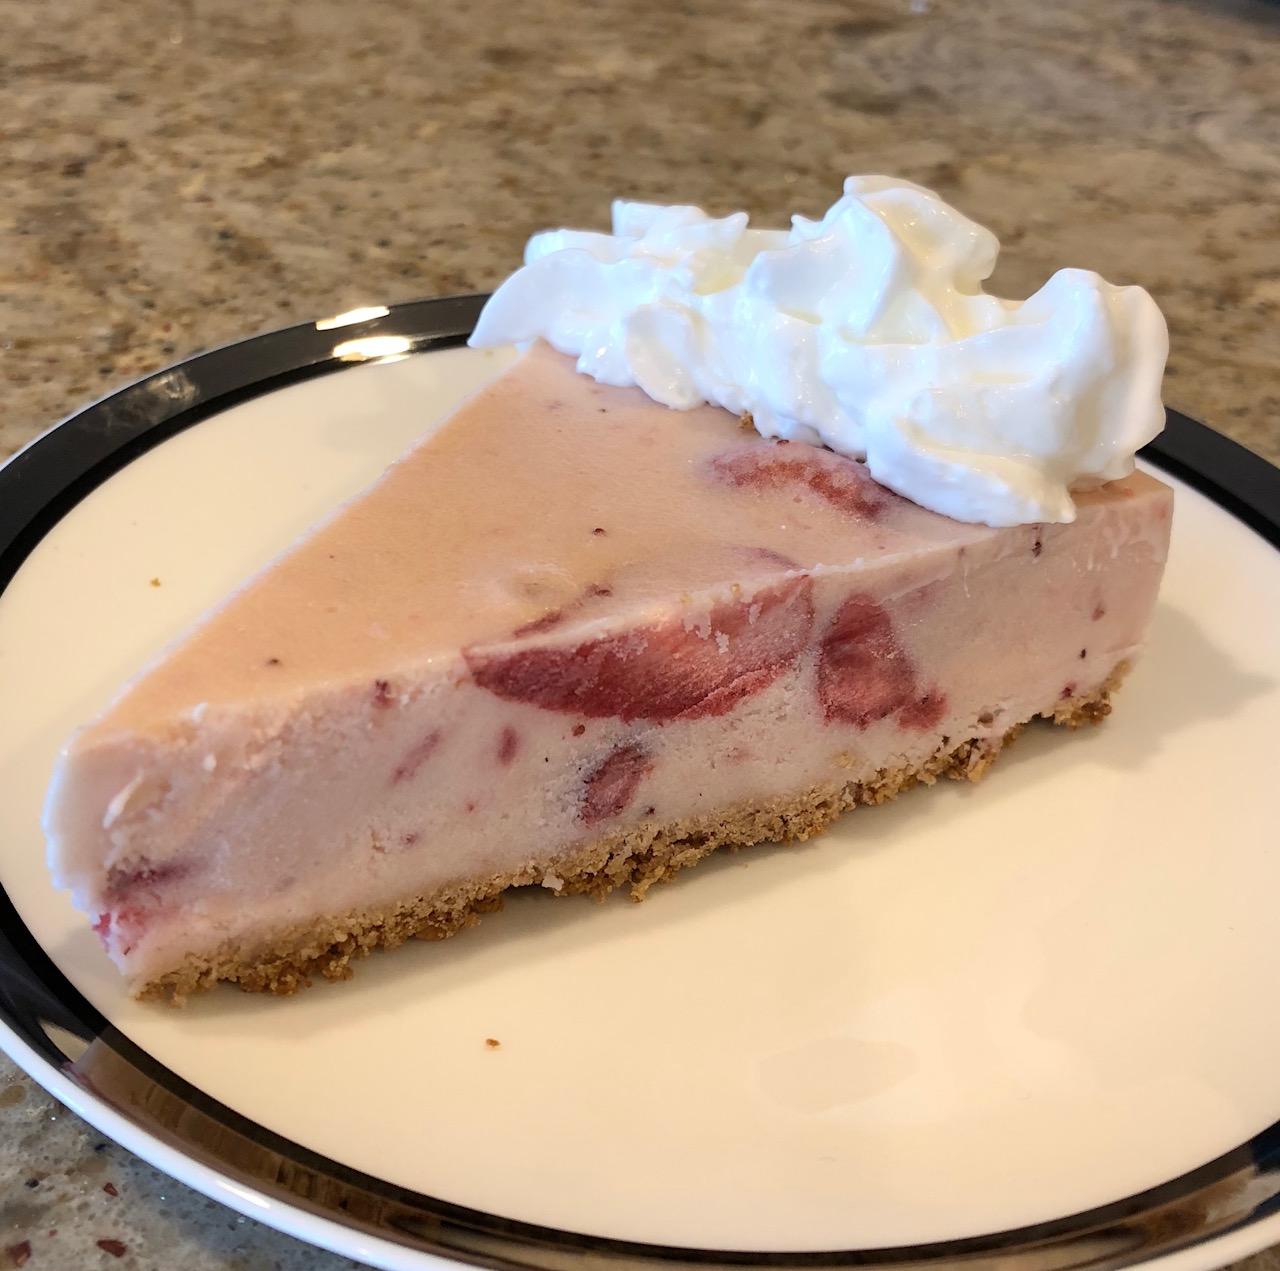 Frozen Strawberry Dessert image